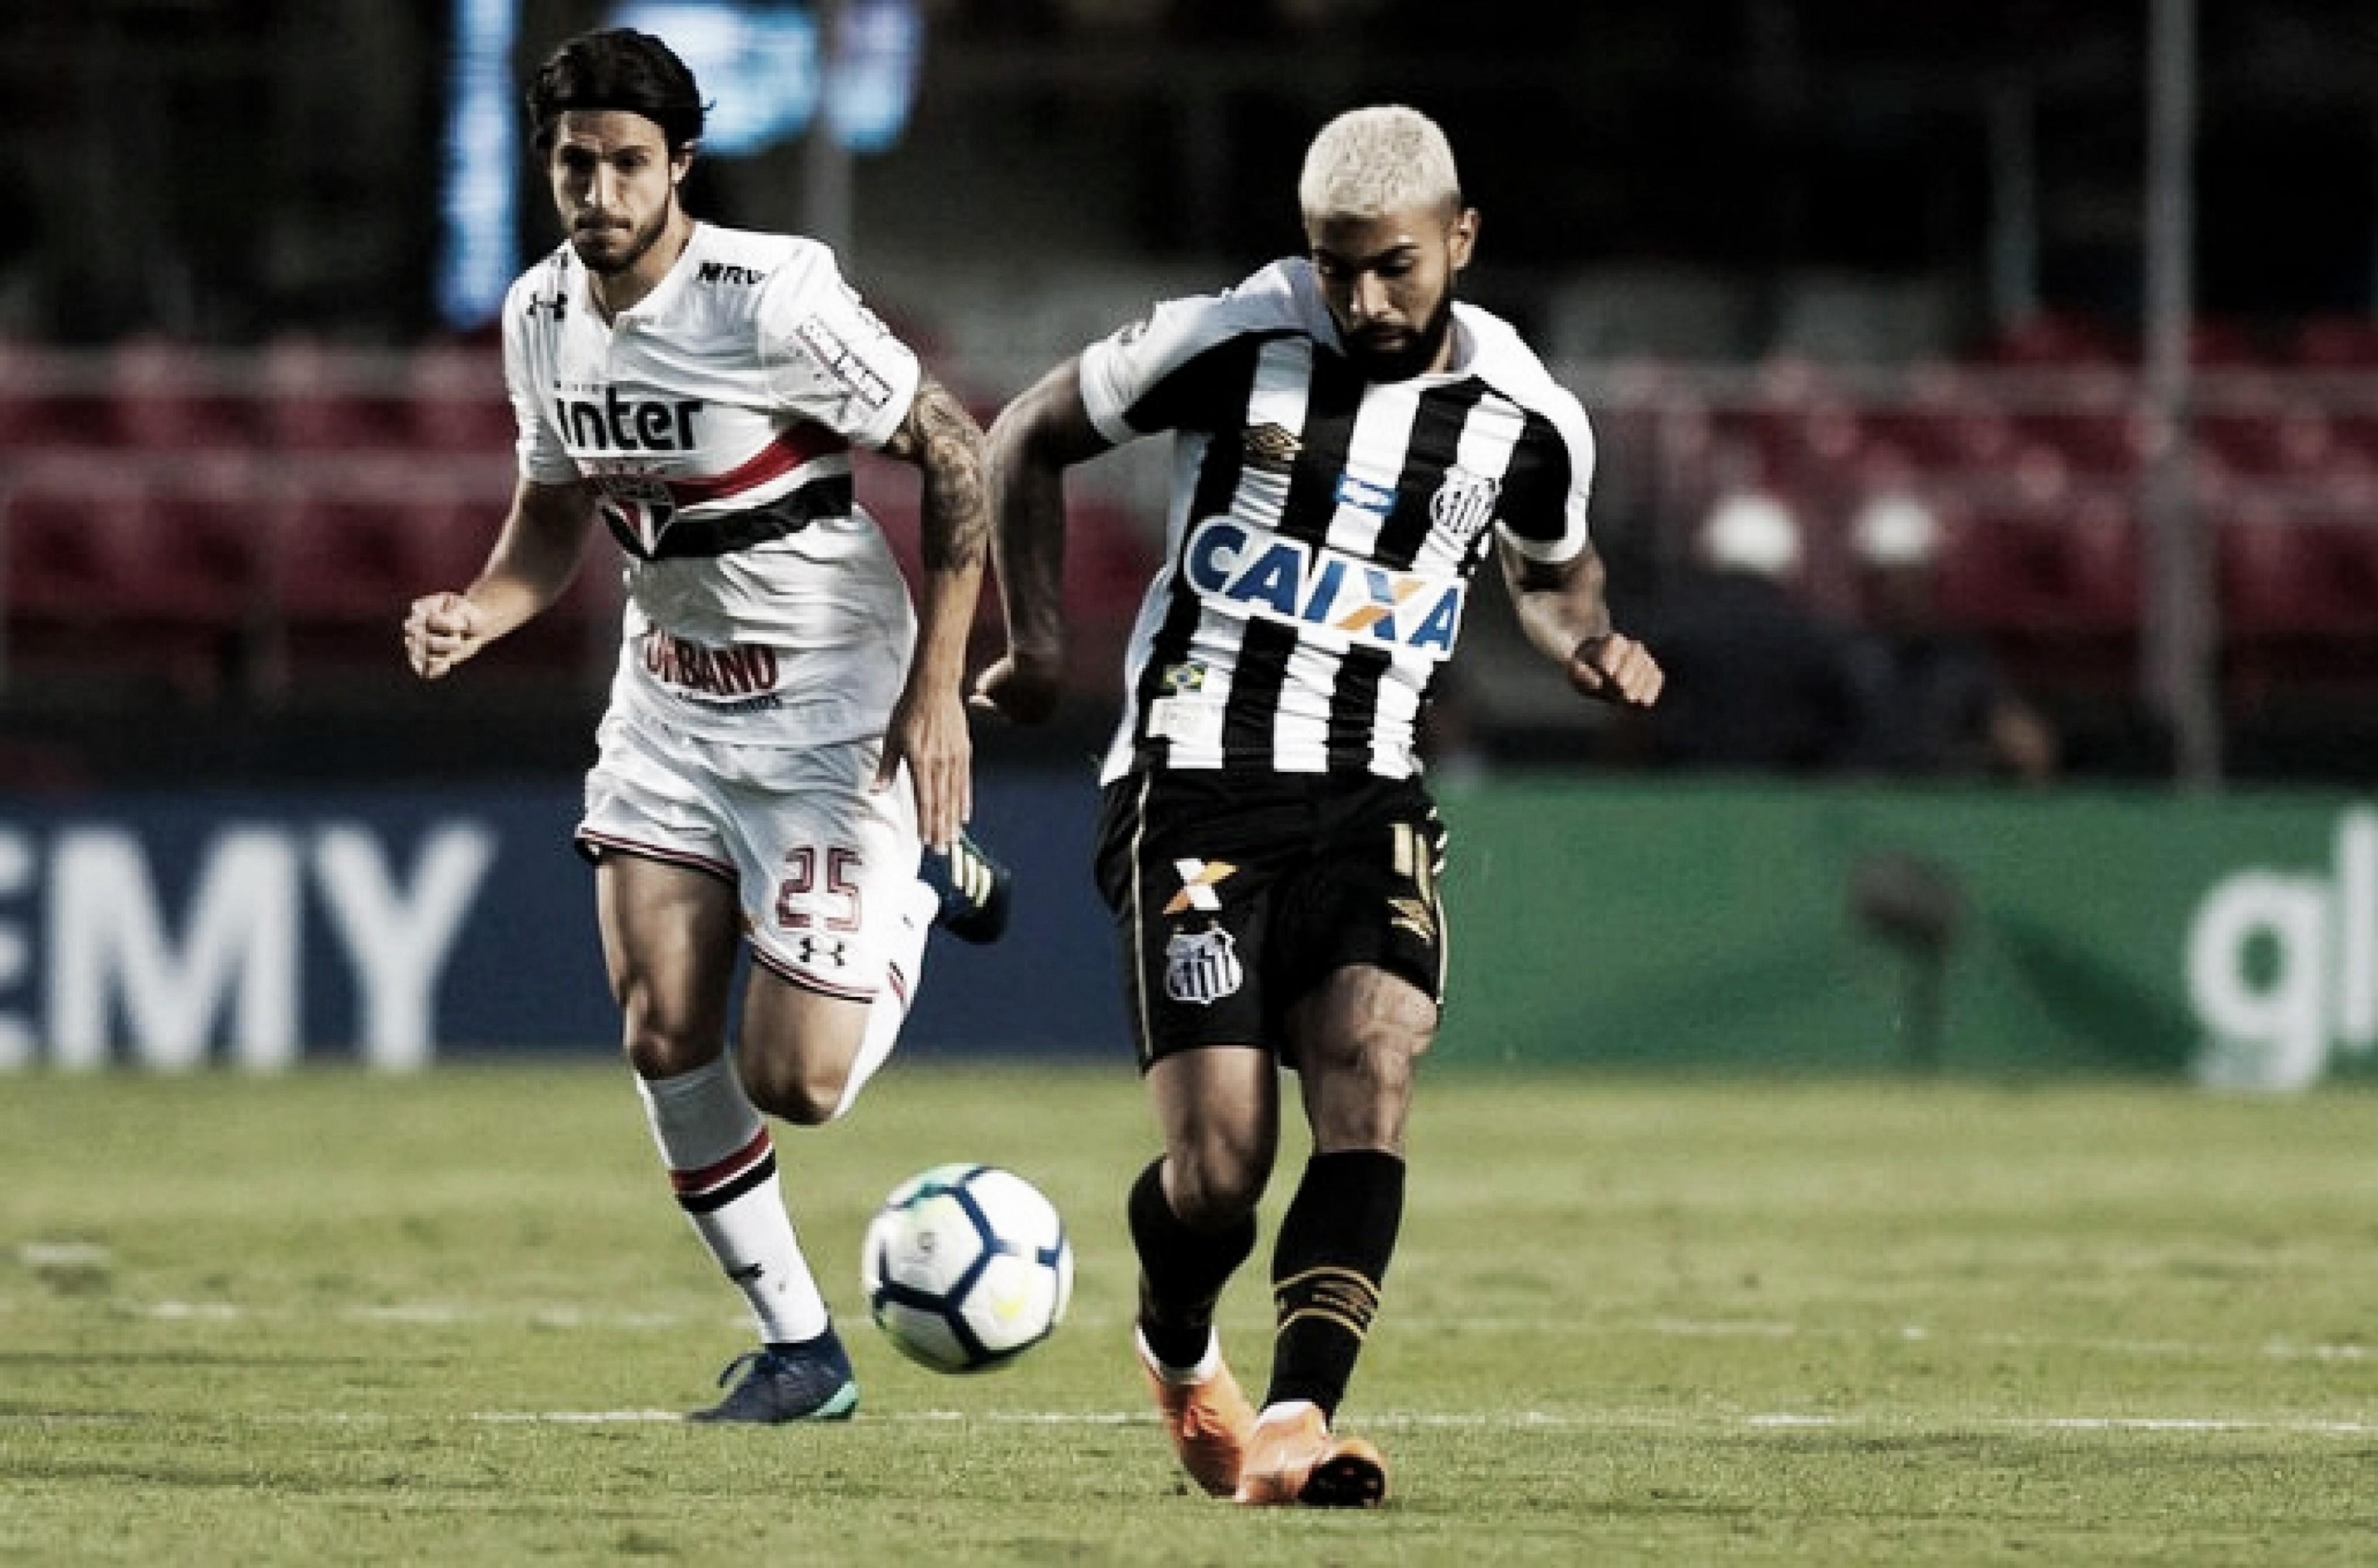 Clássico dos gigantes: em boa fase, Santos recebe o São Paulo na Vila Belmiro